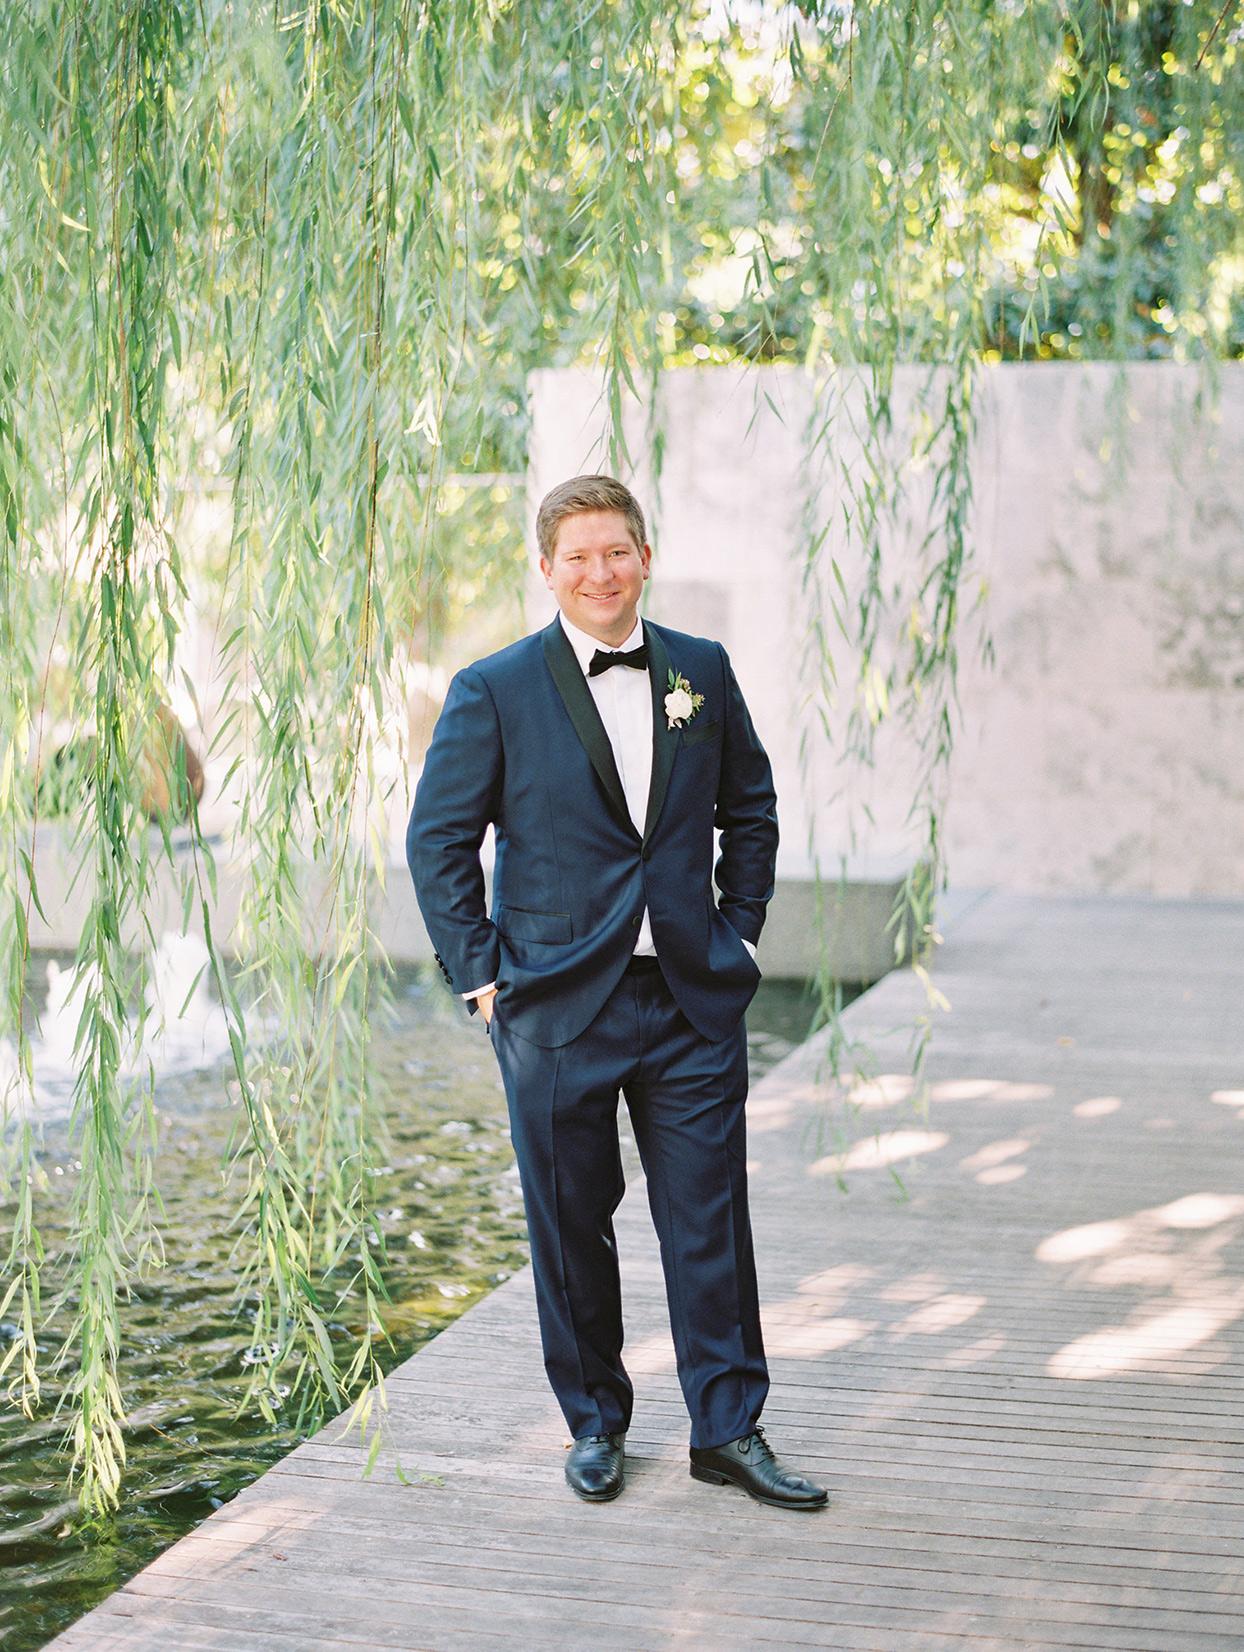 groom in blue suit on boardwalk under willow tree